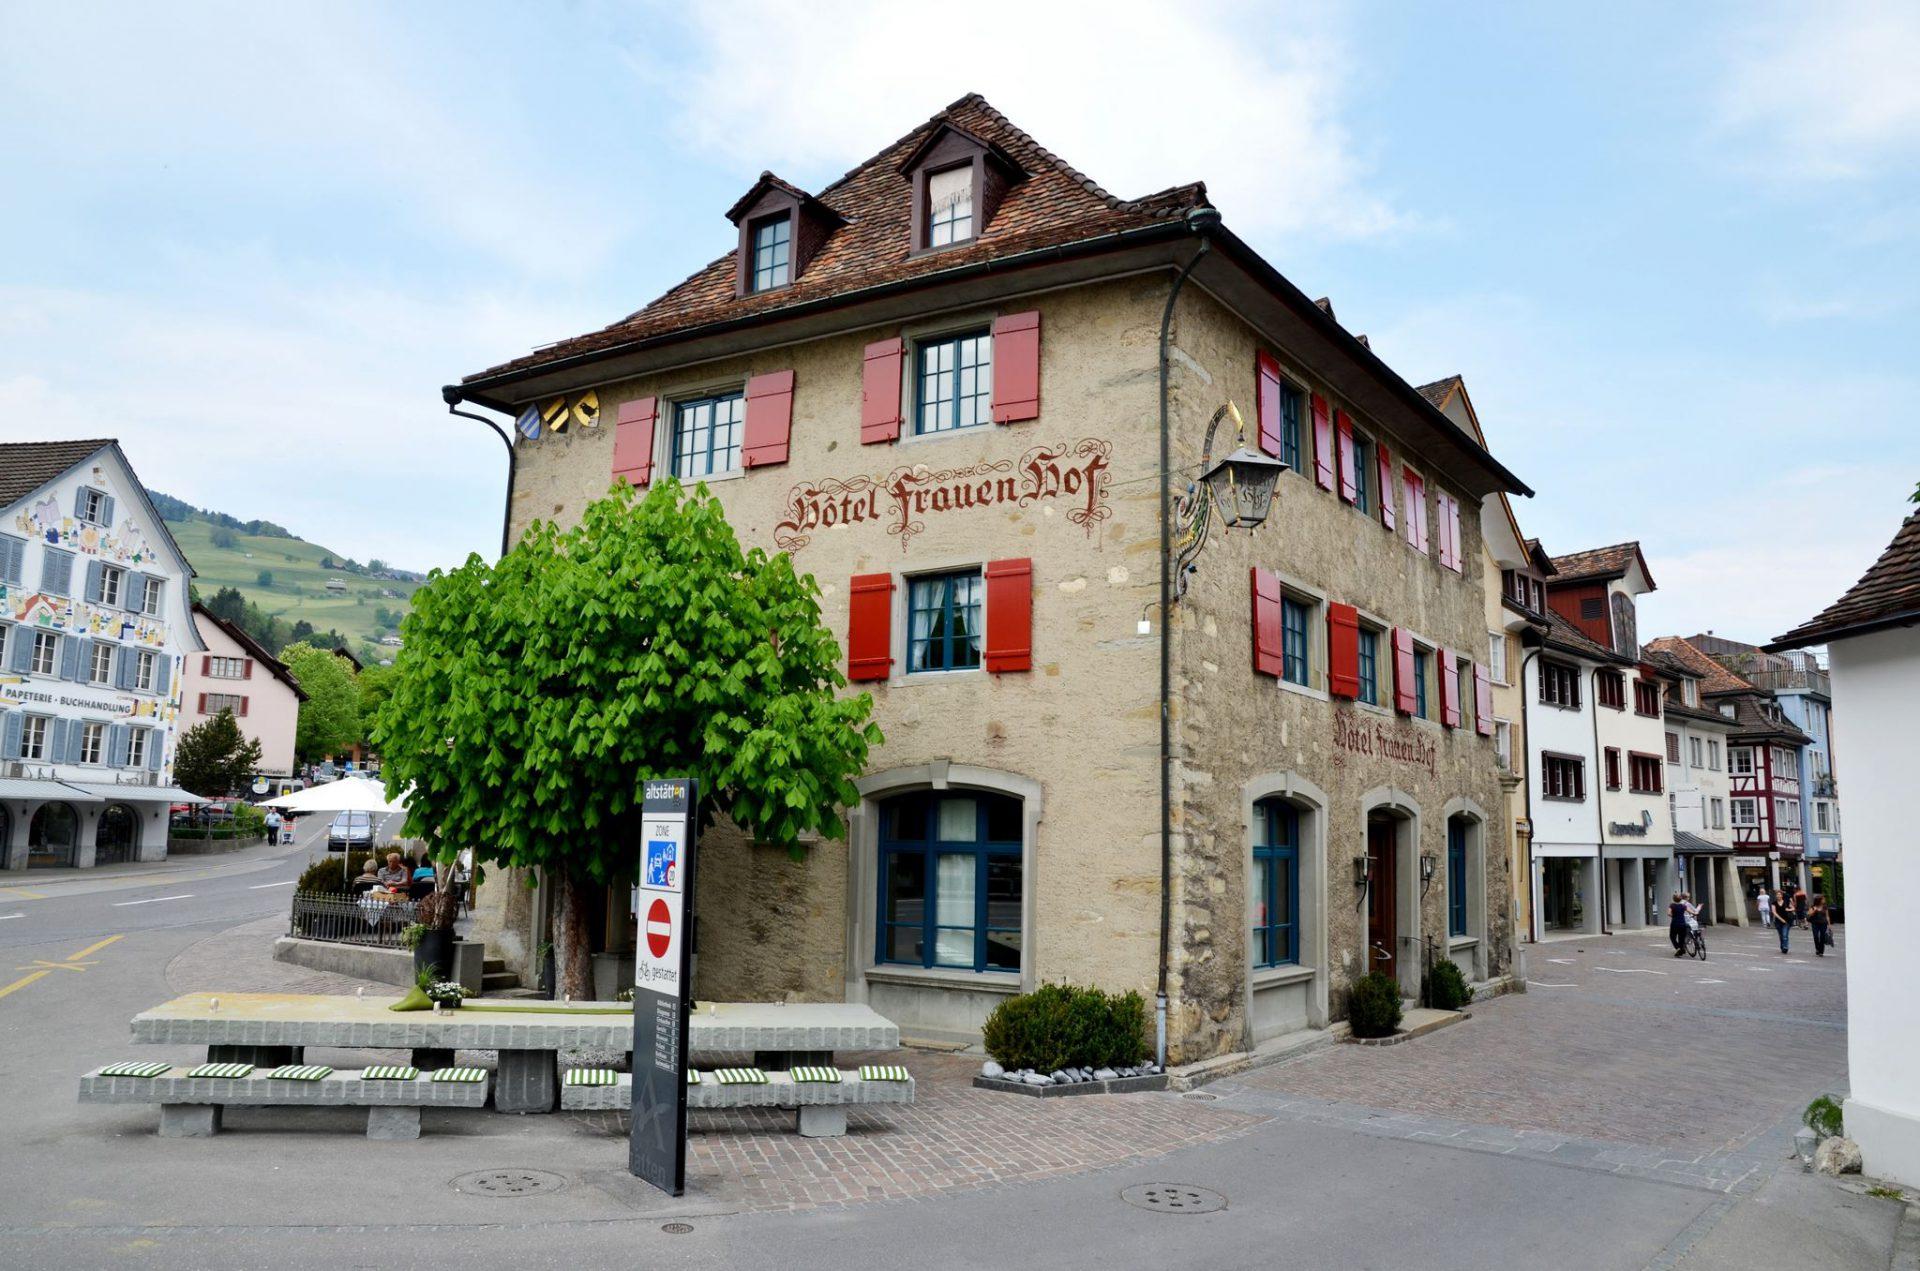 Restaurant Frauenhof Altstätten